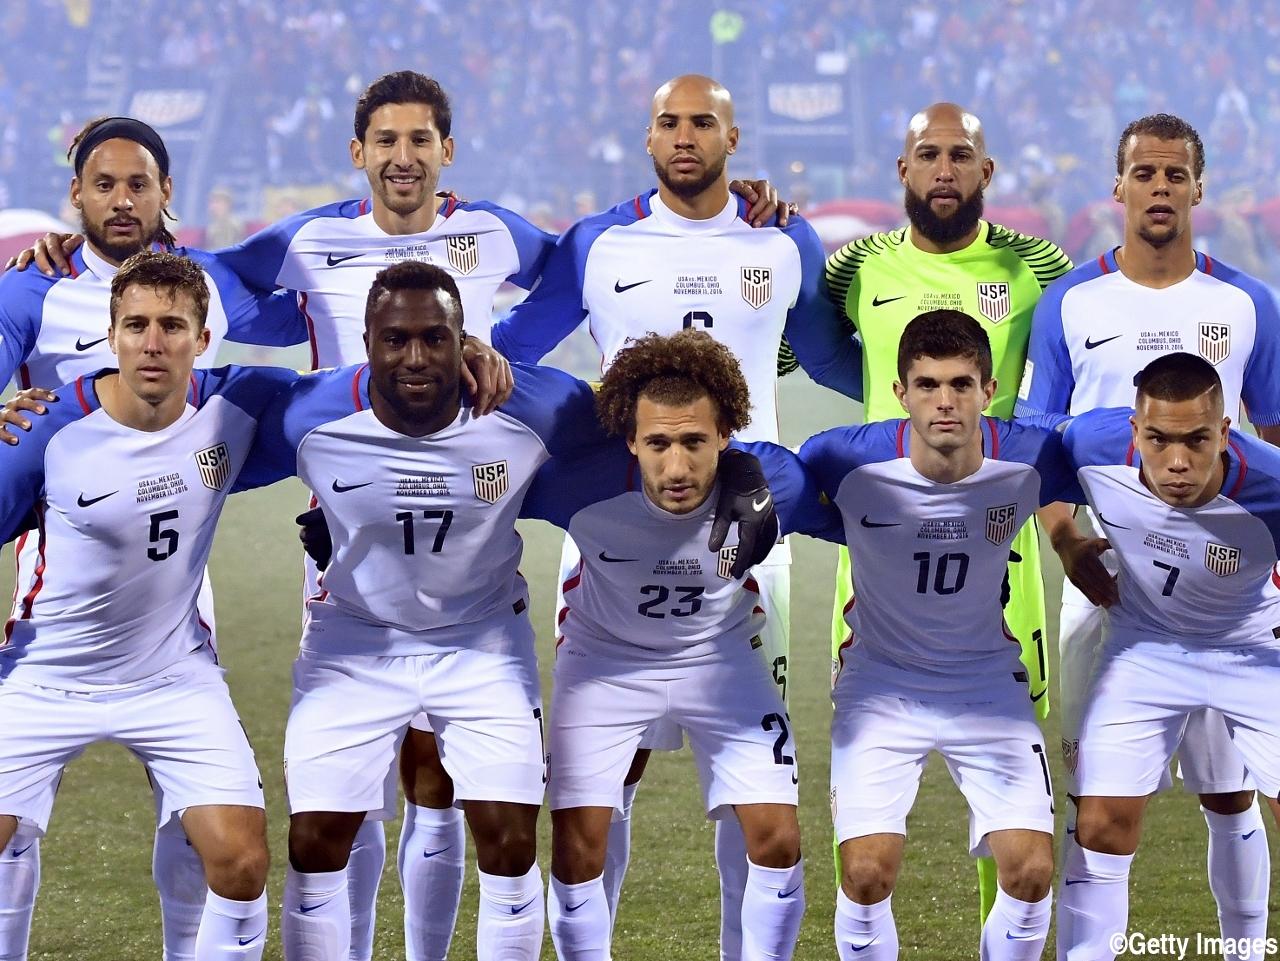 アメリカって男子サッカーはなんで微妙なんや? : サカサカ10 ...